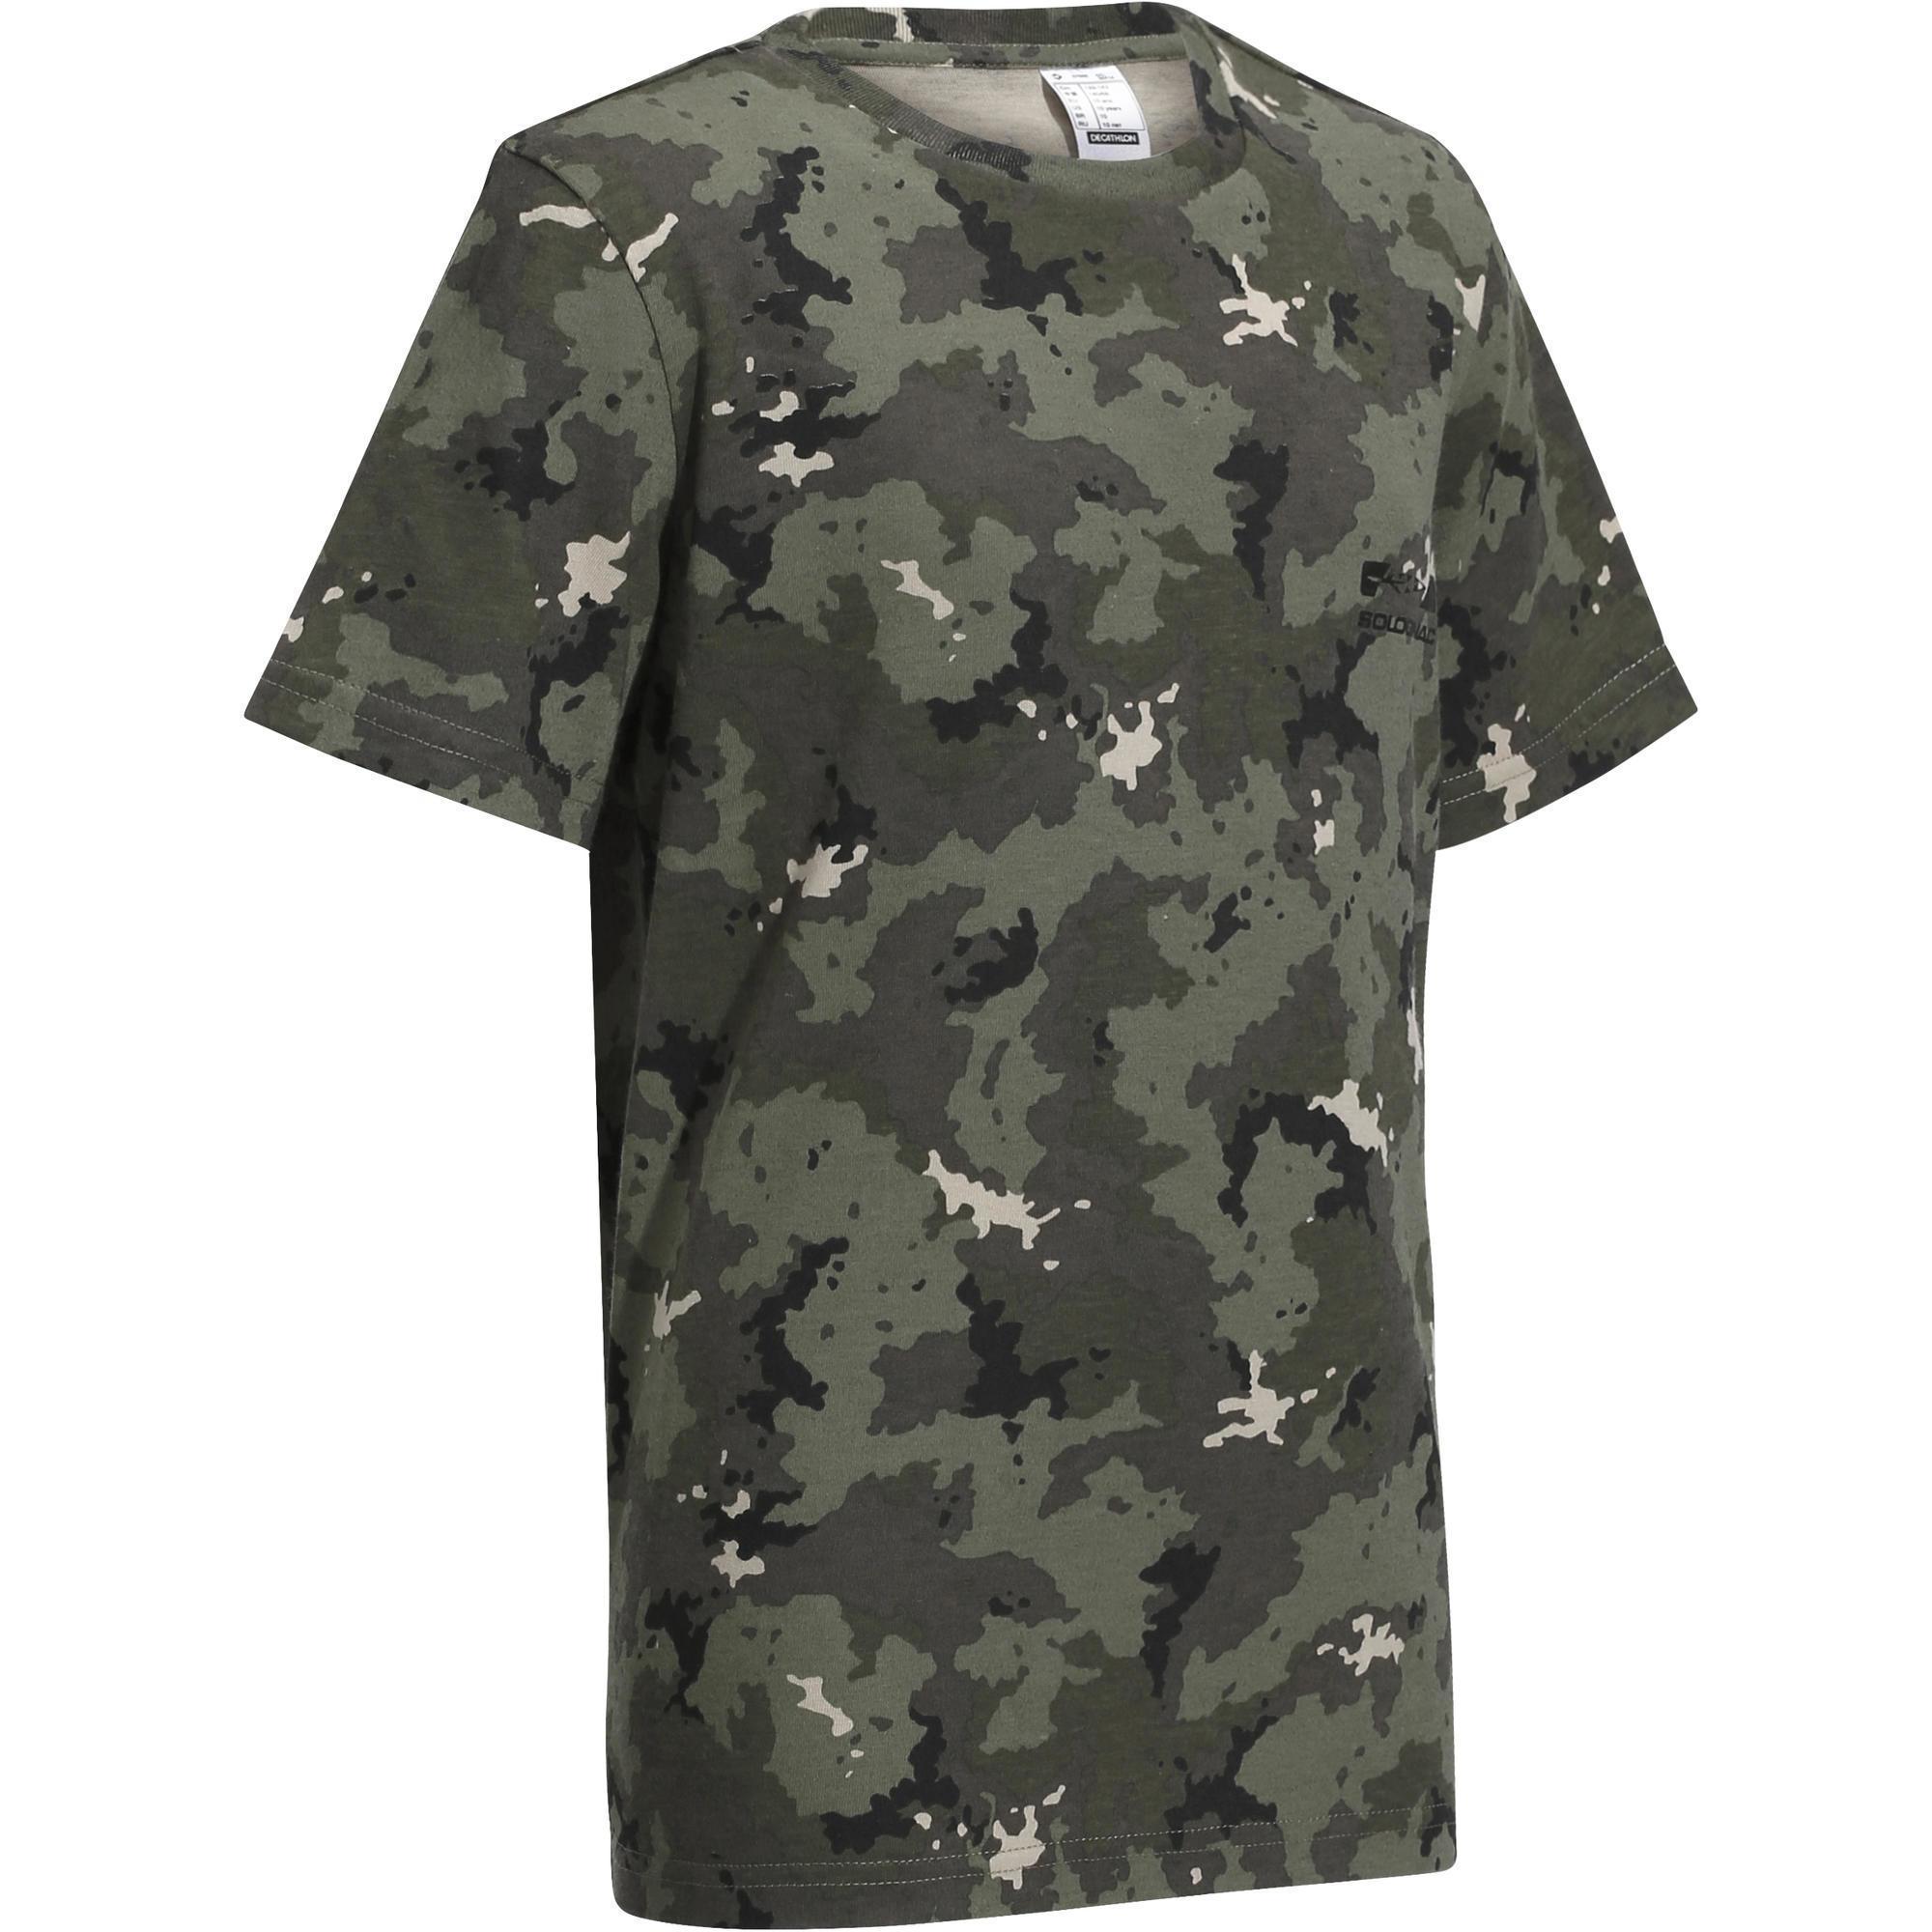 Comprar Camisetas y Camisas de Caza online  f51ac2dc93953